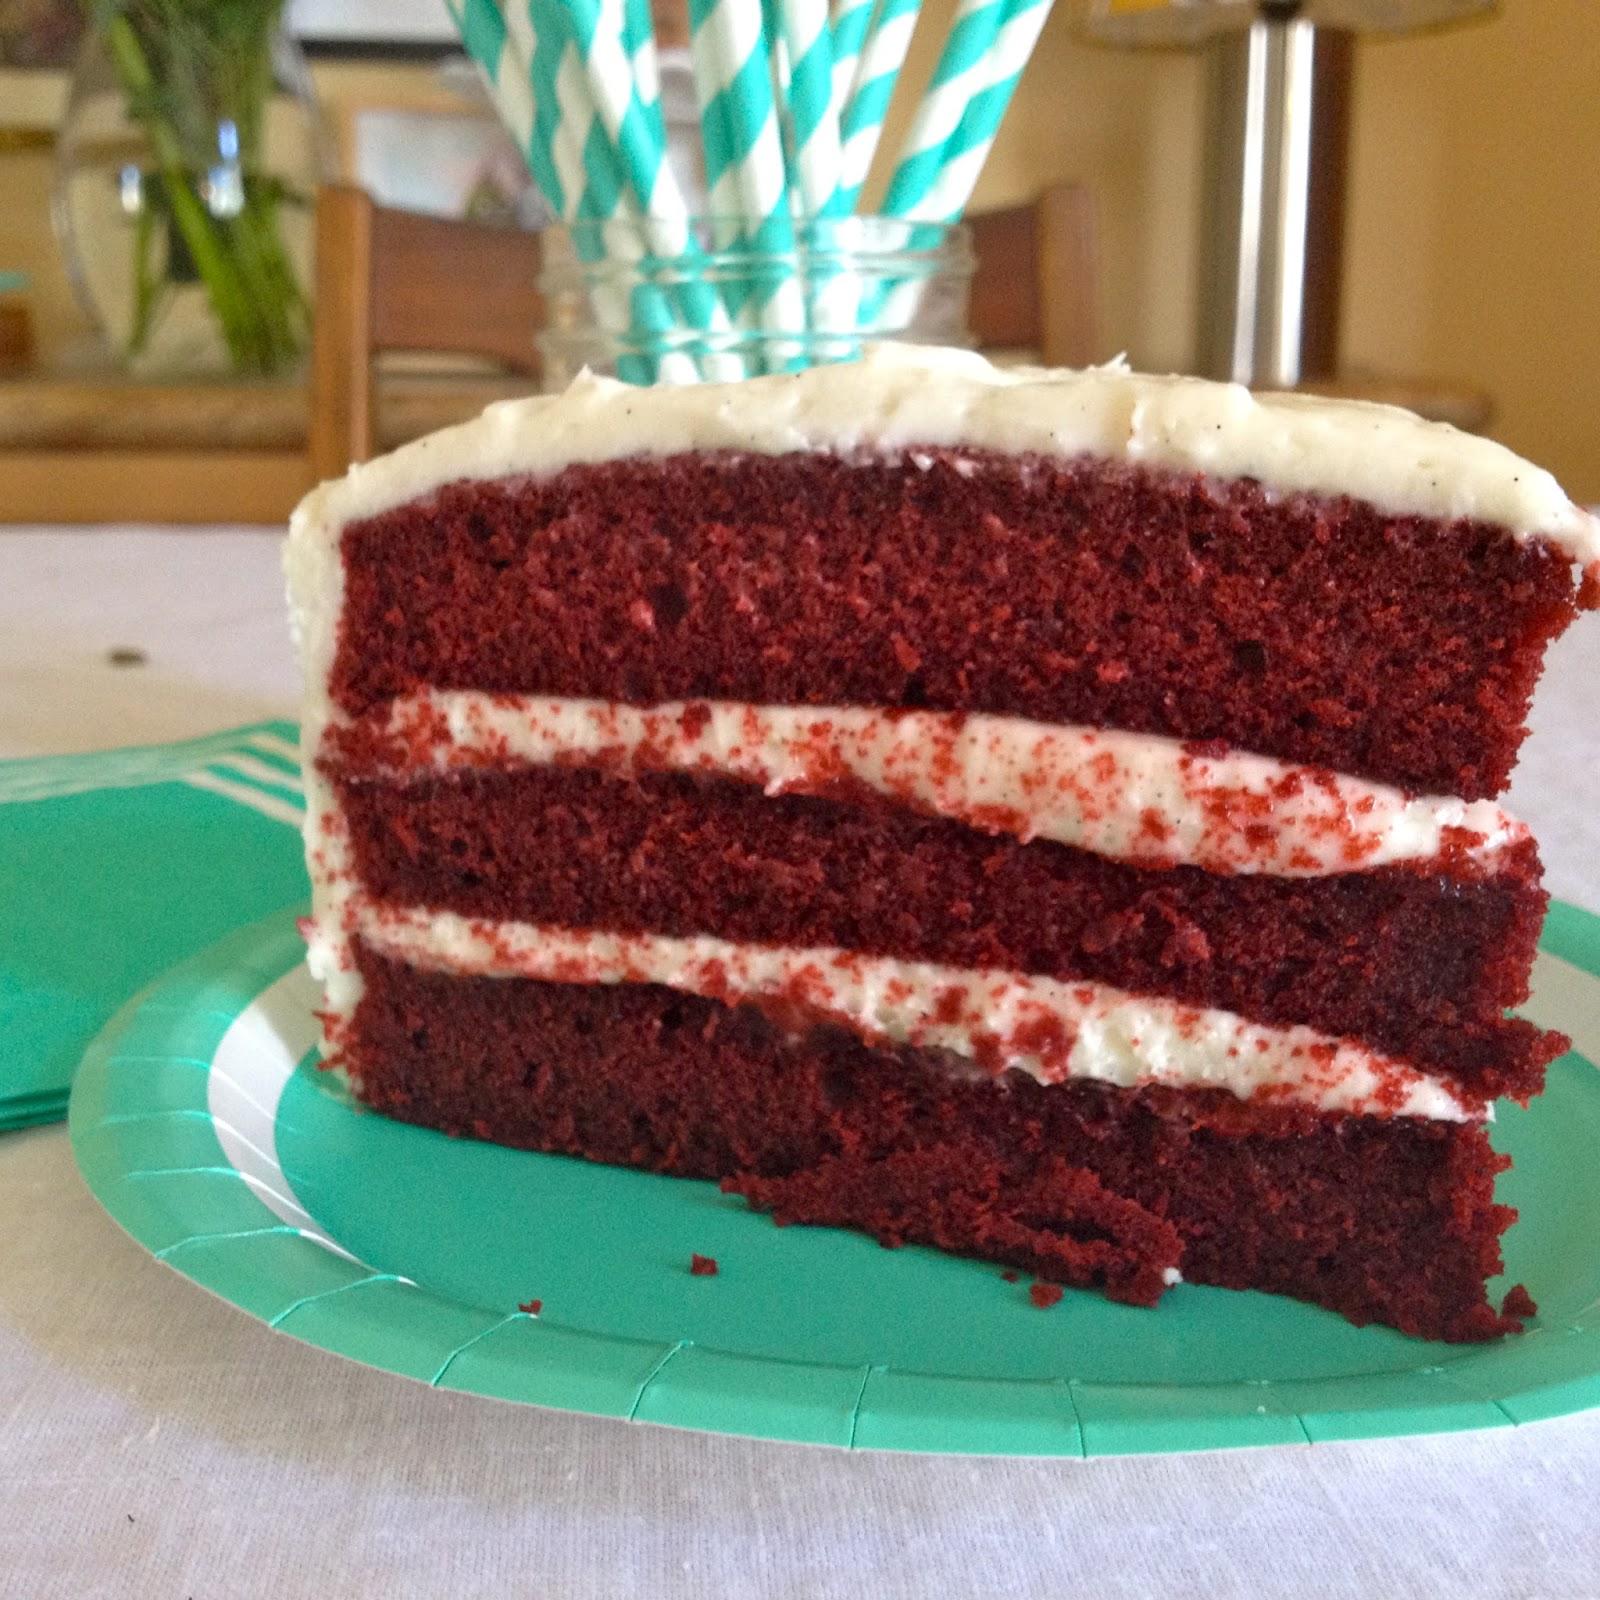 Red Velvet Cake Slice Baking a Love Story